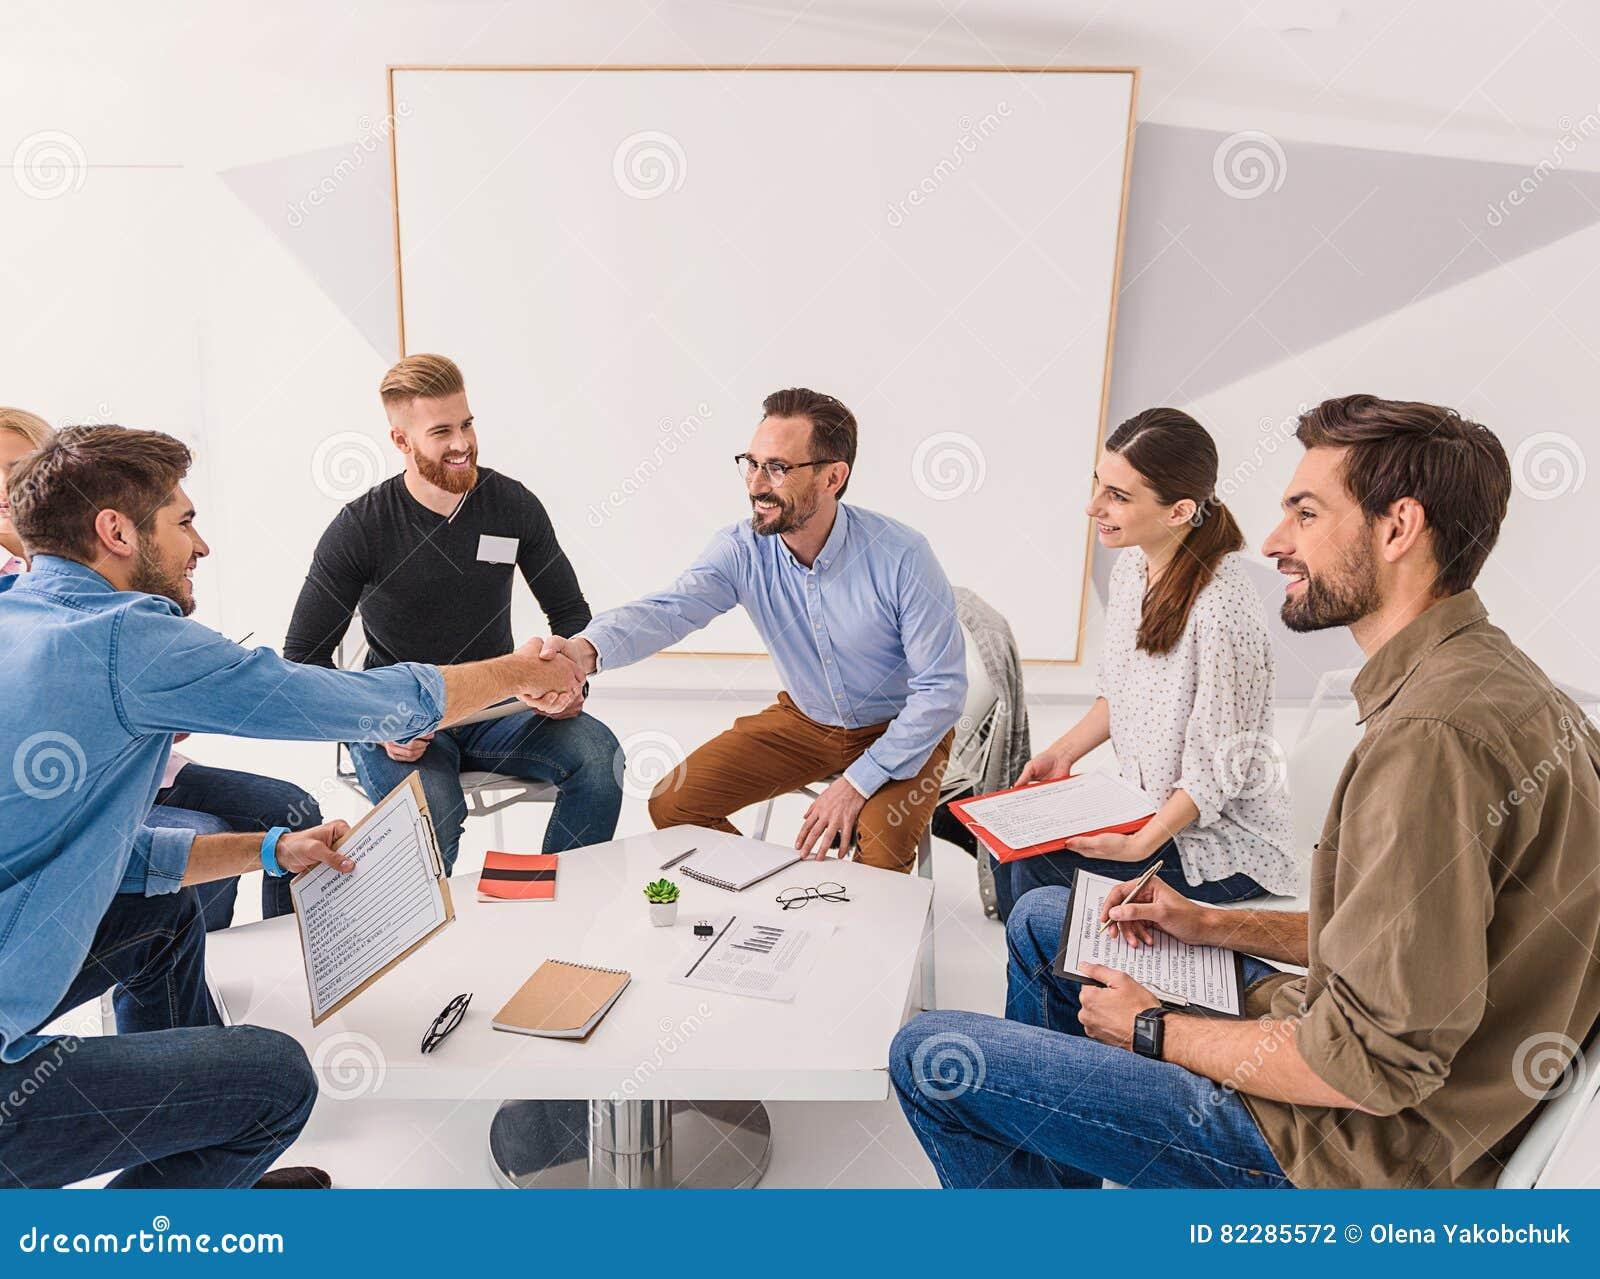 rencontrer de nouvelles personnes en anglais